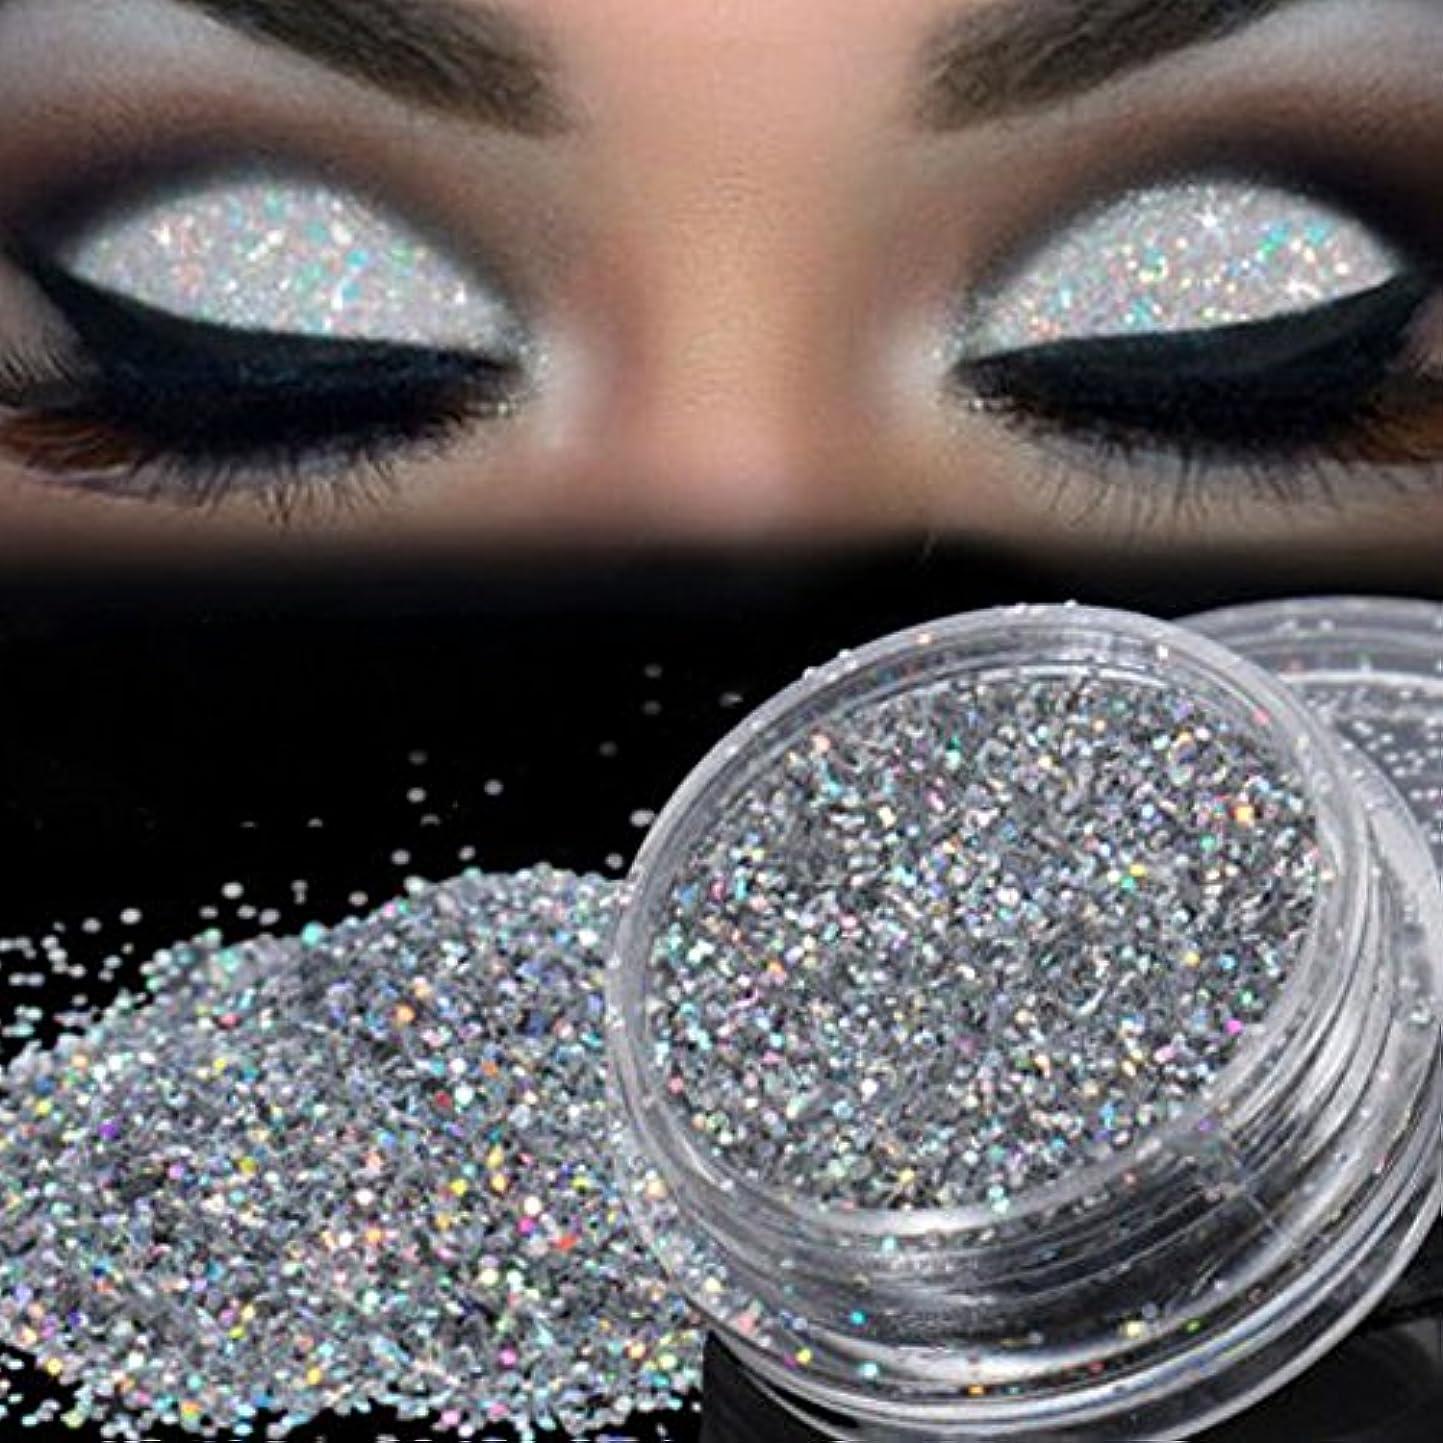 冷ややかなかみそりドール2018新番 化粧品 アイシャドウ Timsa 欧米風 アイシャドーパウダー ダイヤモンドグリッター スパークリングアイズ 極め細い パウダーアイシャドウ 2色選択 (A)